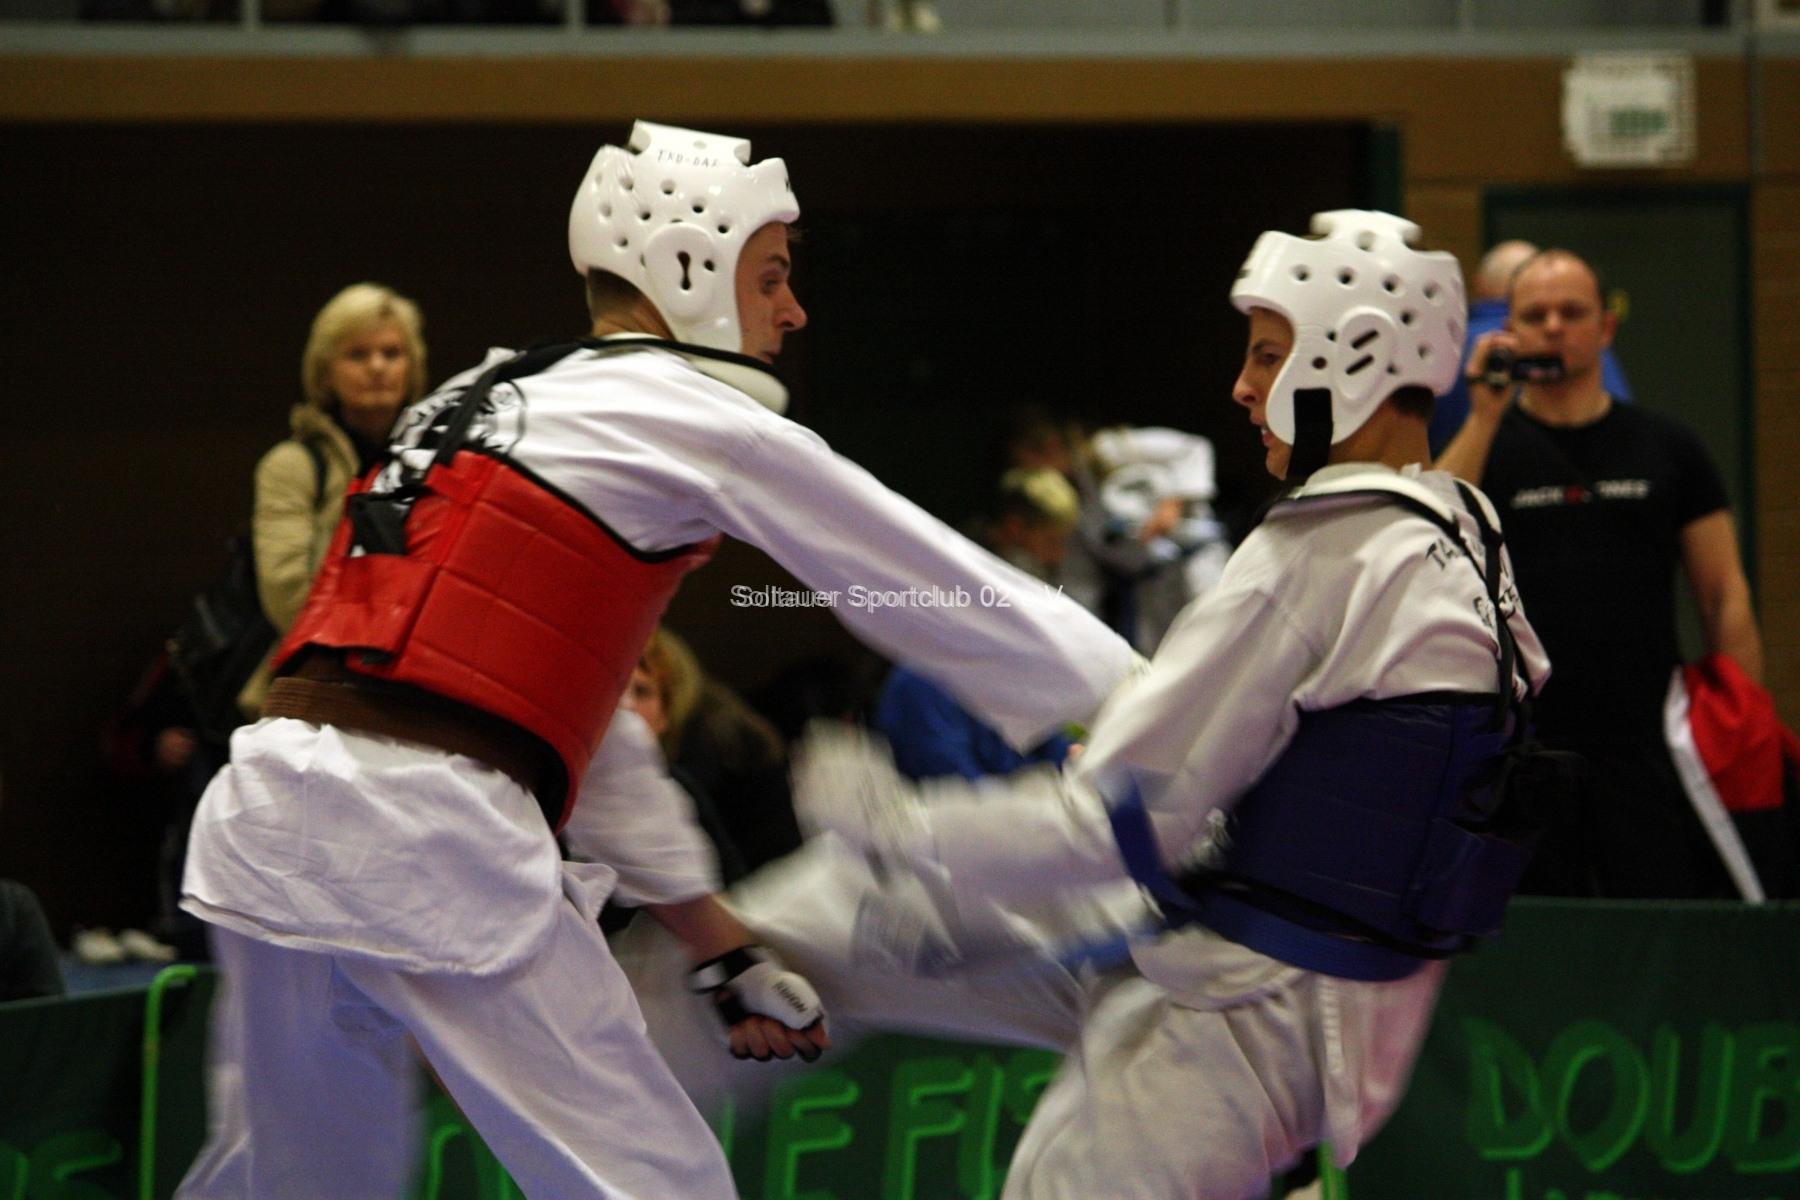 20091121-nds-meisterschaft-fk1-032